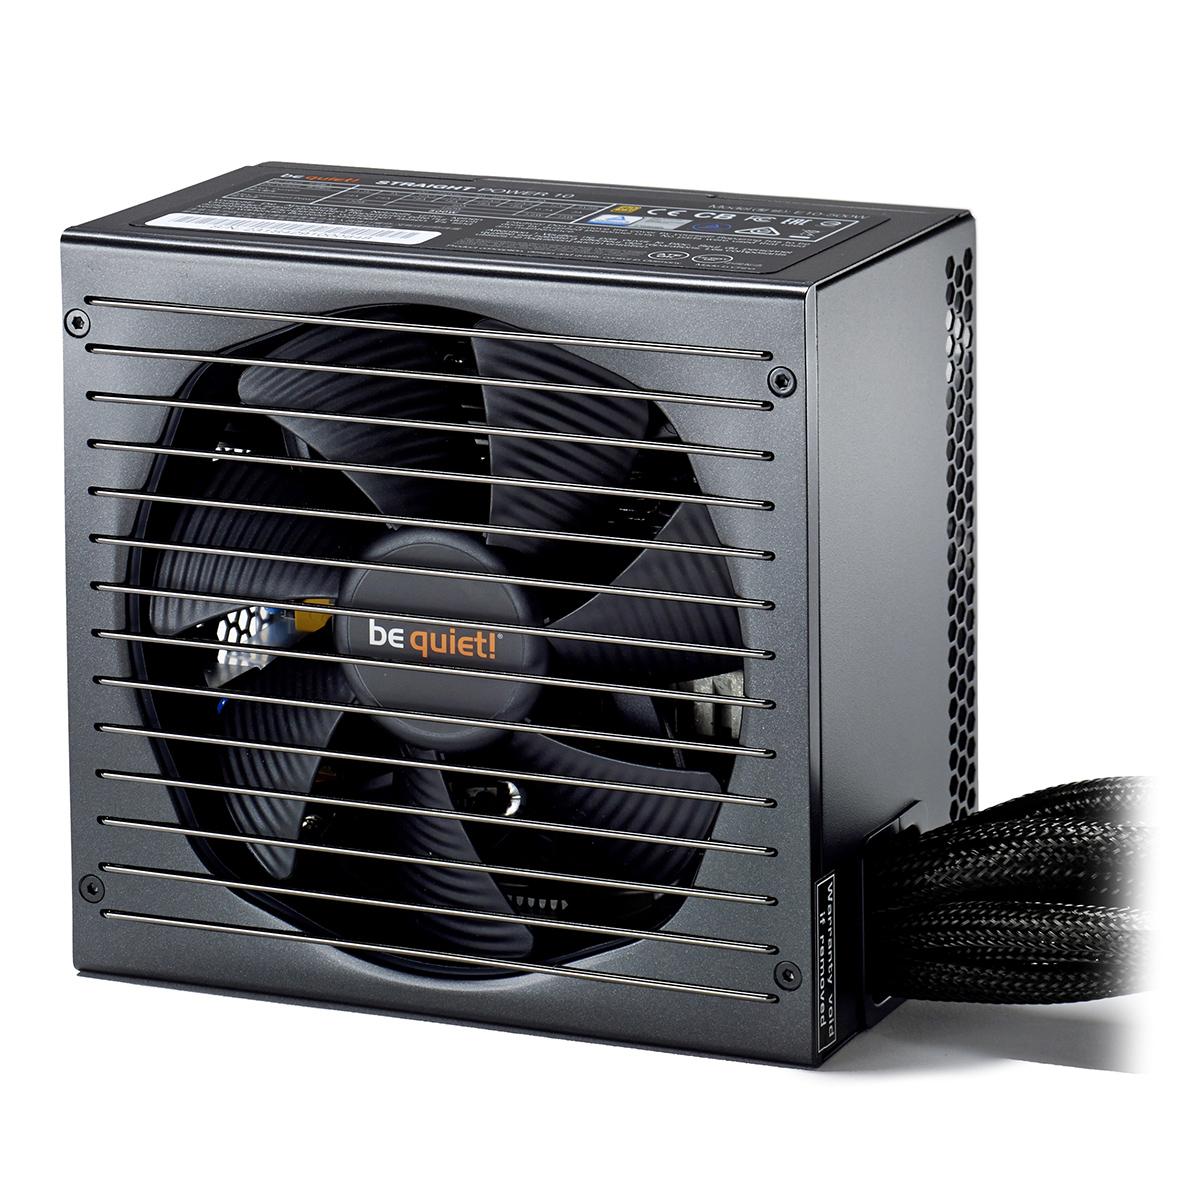 Alimentation PC be quiet! Straight Power 10 400W 80PLUS Gold Alimentation 500W ATX 12V 2.4/ EPS 12V 2.92 (Garantie 5 ans par Be Quiet !)